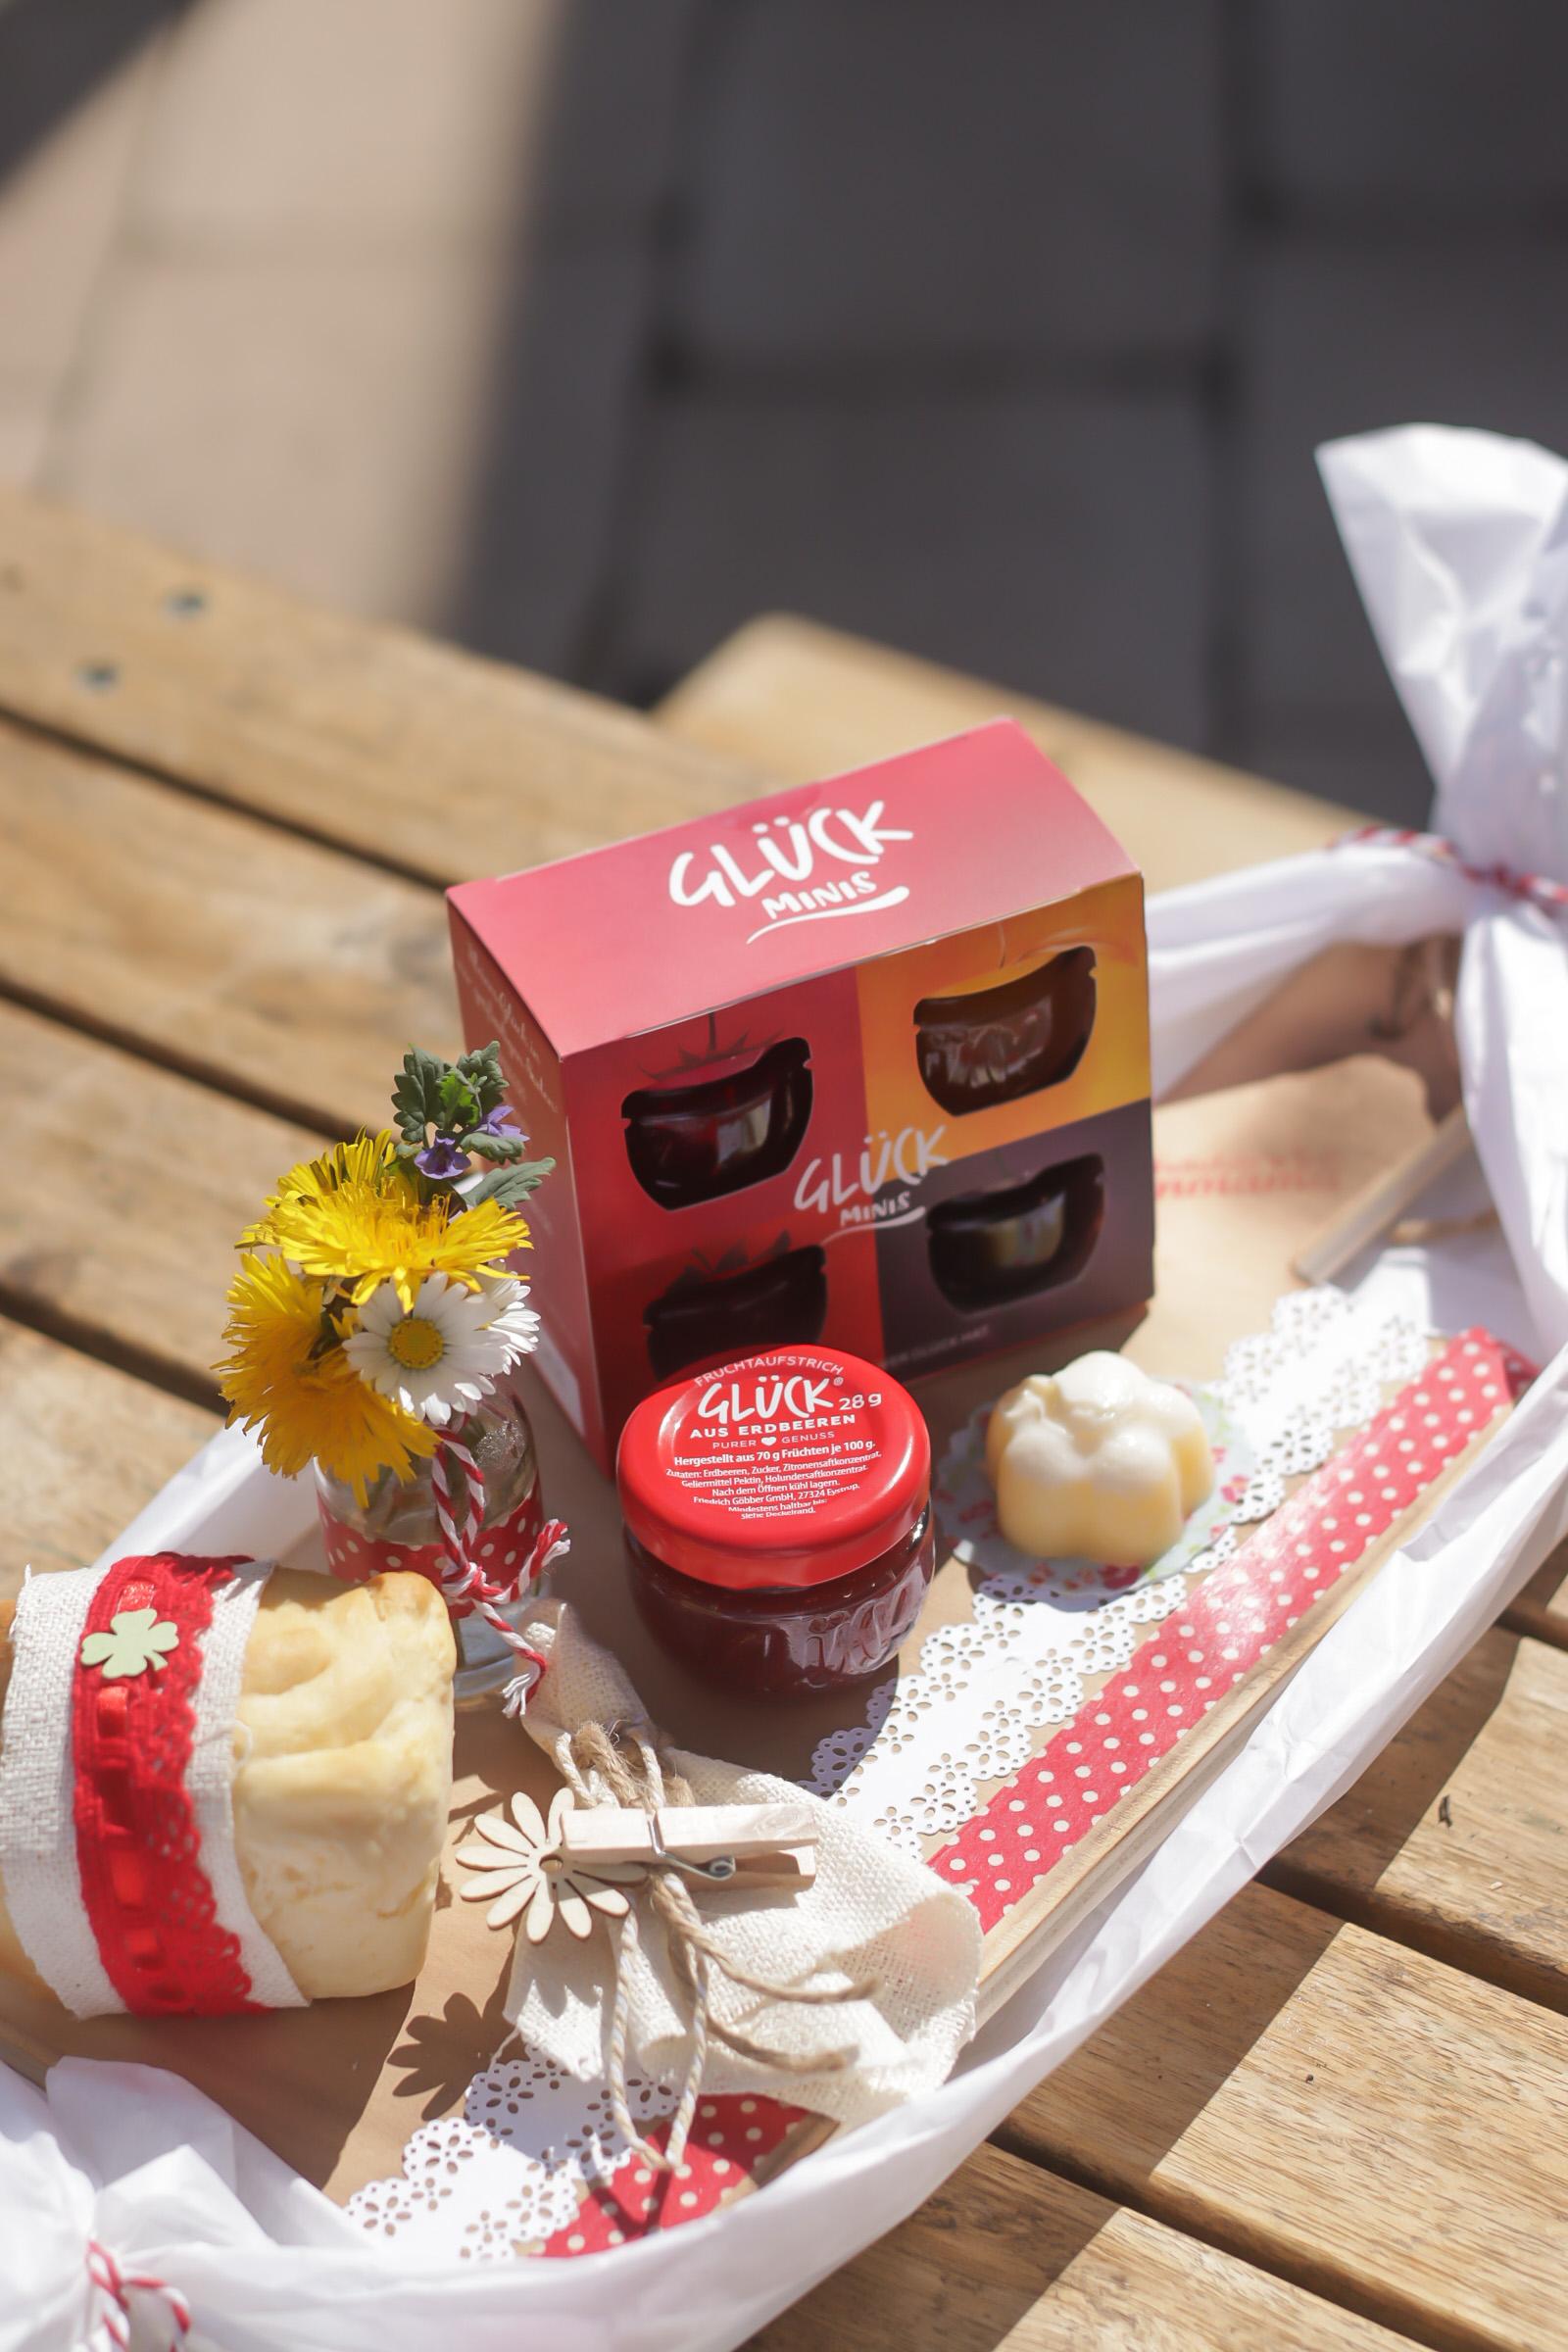 Mini Glück Marmelade im Miniformat auf DIY Bretttchen als Geschenk verpackt